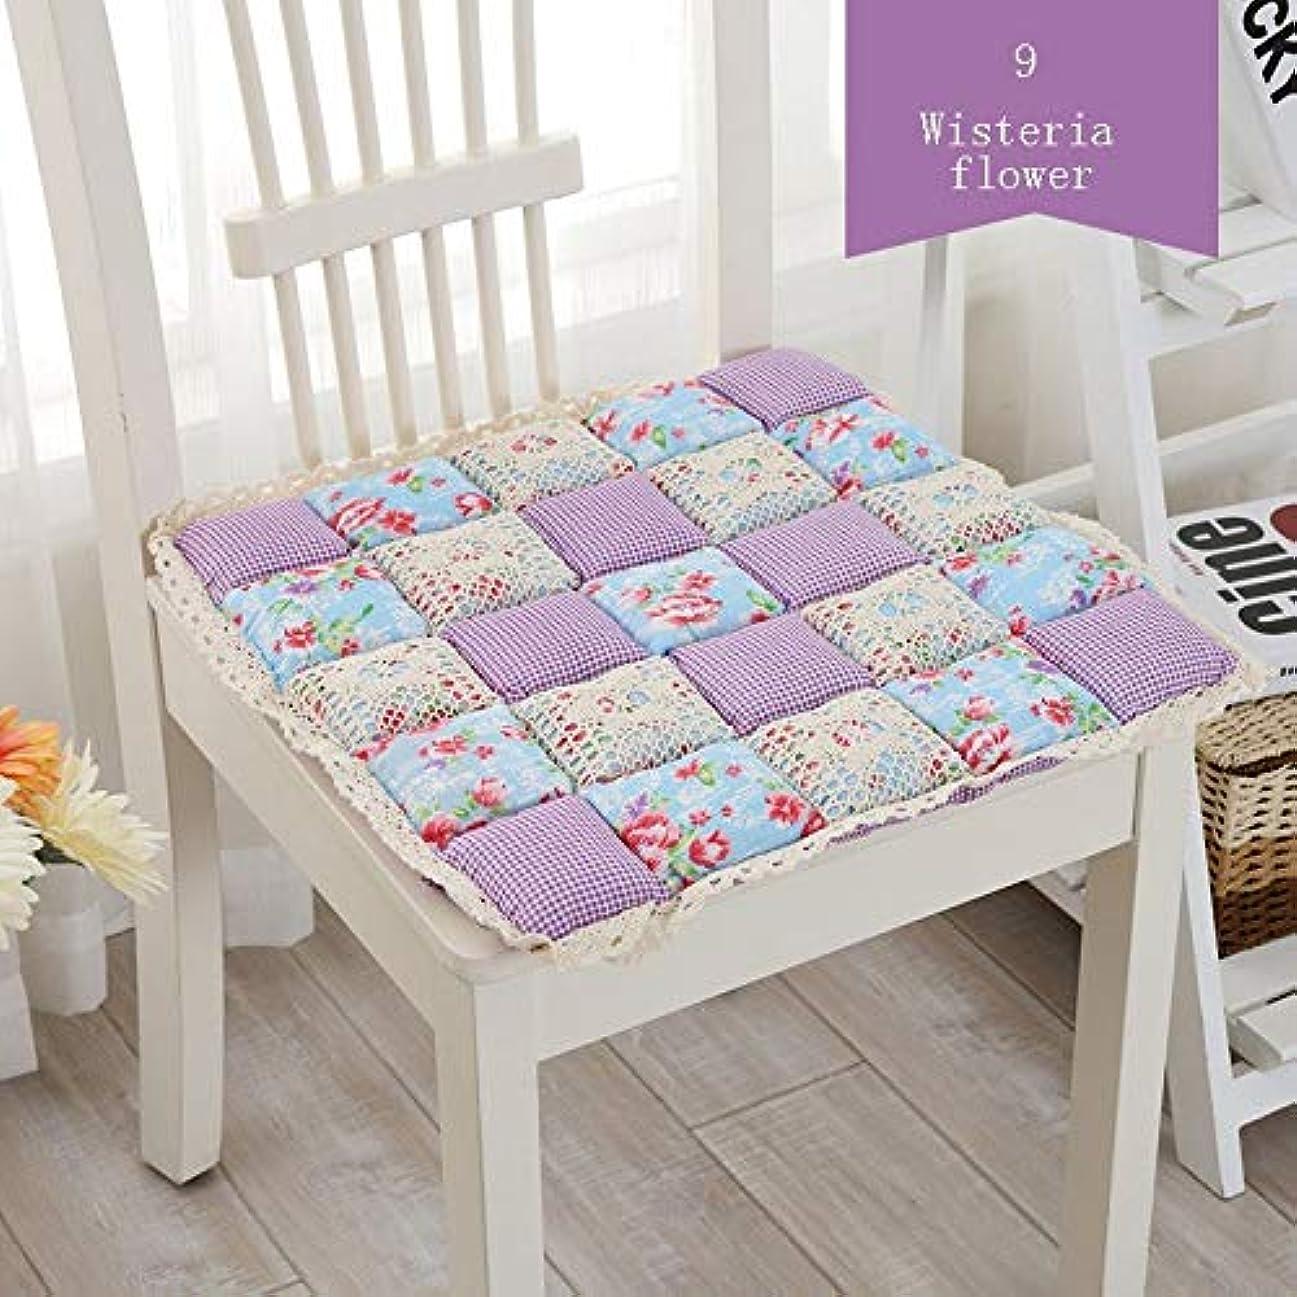 機構鑑定アジアLIFE 1 個抗褥瘡綿椅子クッション 24 色ファッションオフィス正方形クッション学生チェアクッション家の装飾厚み クッション 椅子